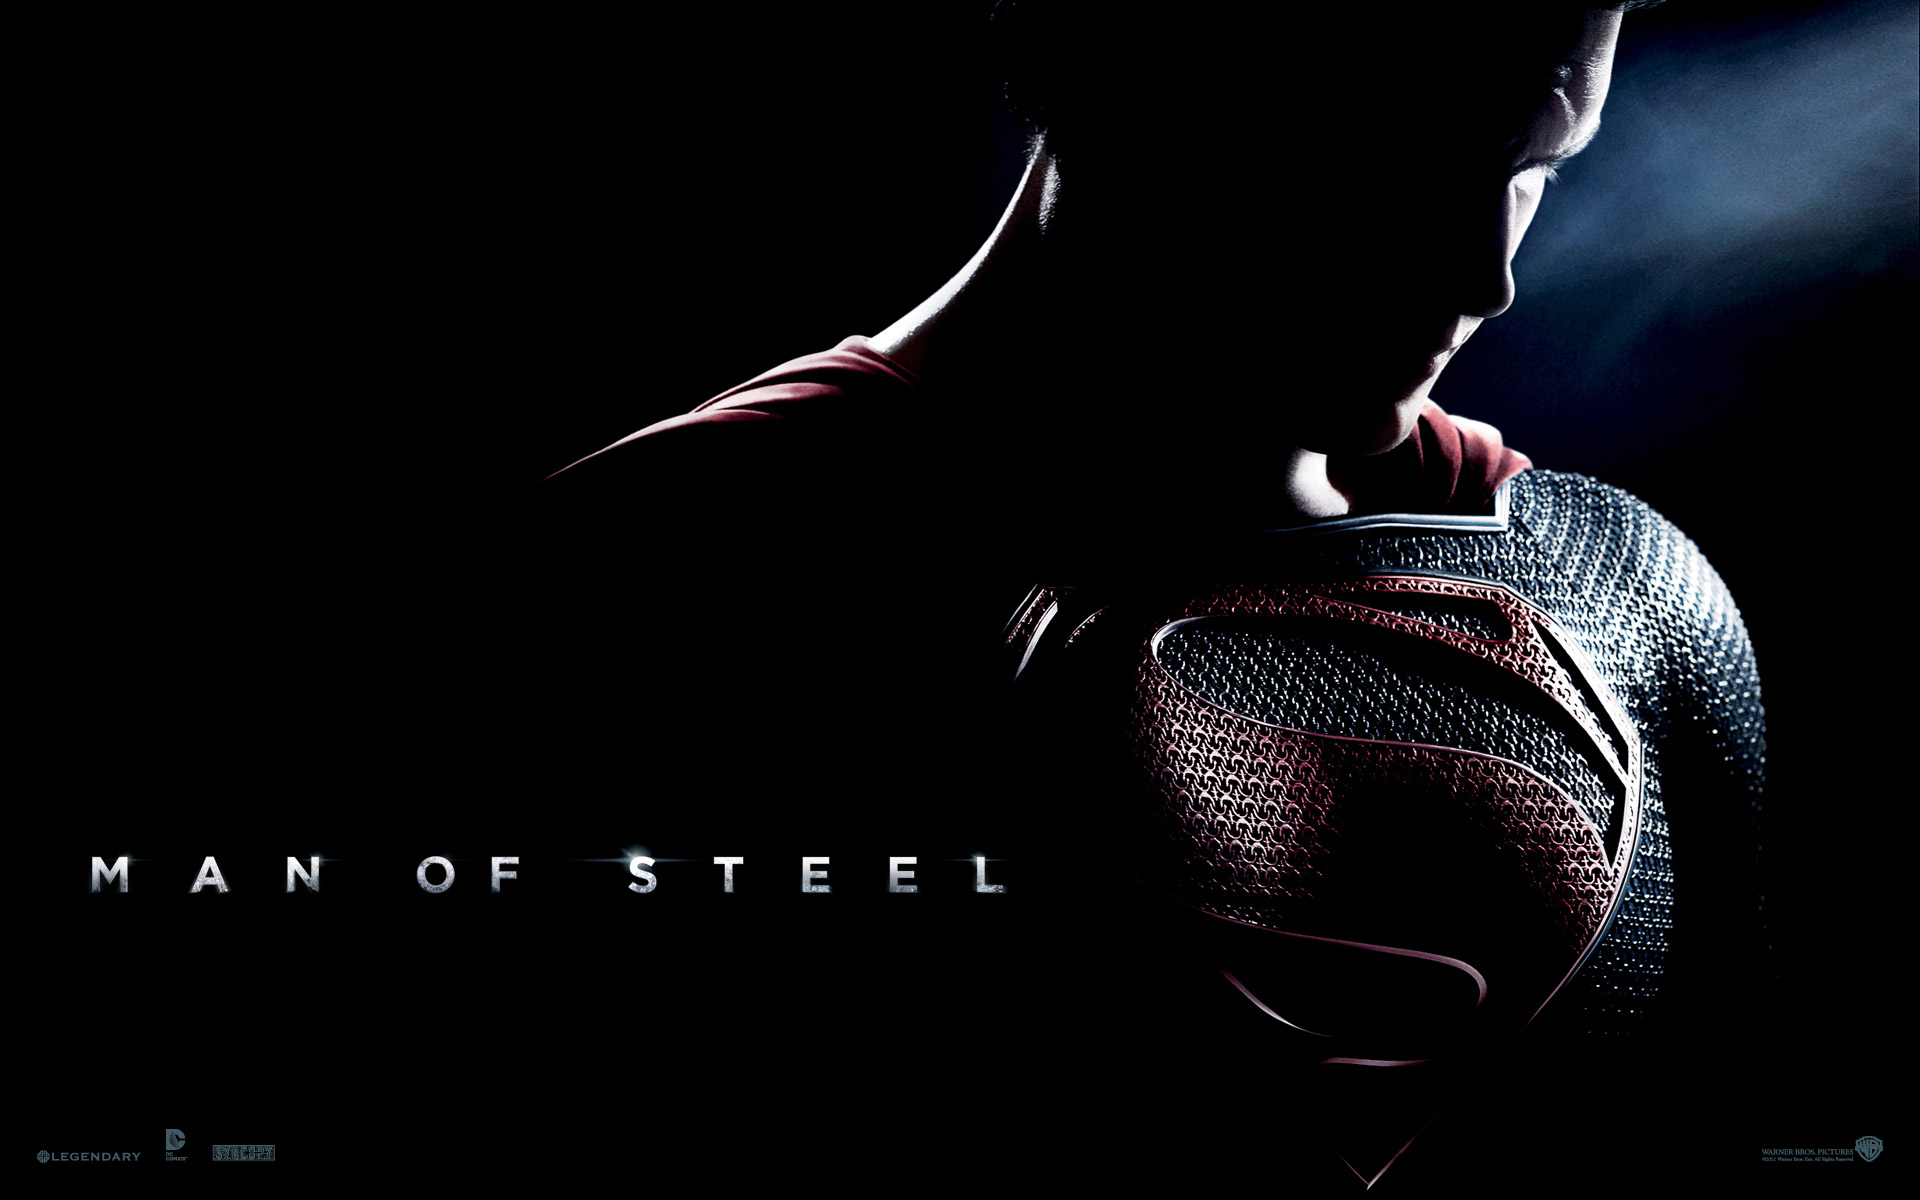 Superman Man of Steel 2013 Movie Wallpapers HD 1920x1200